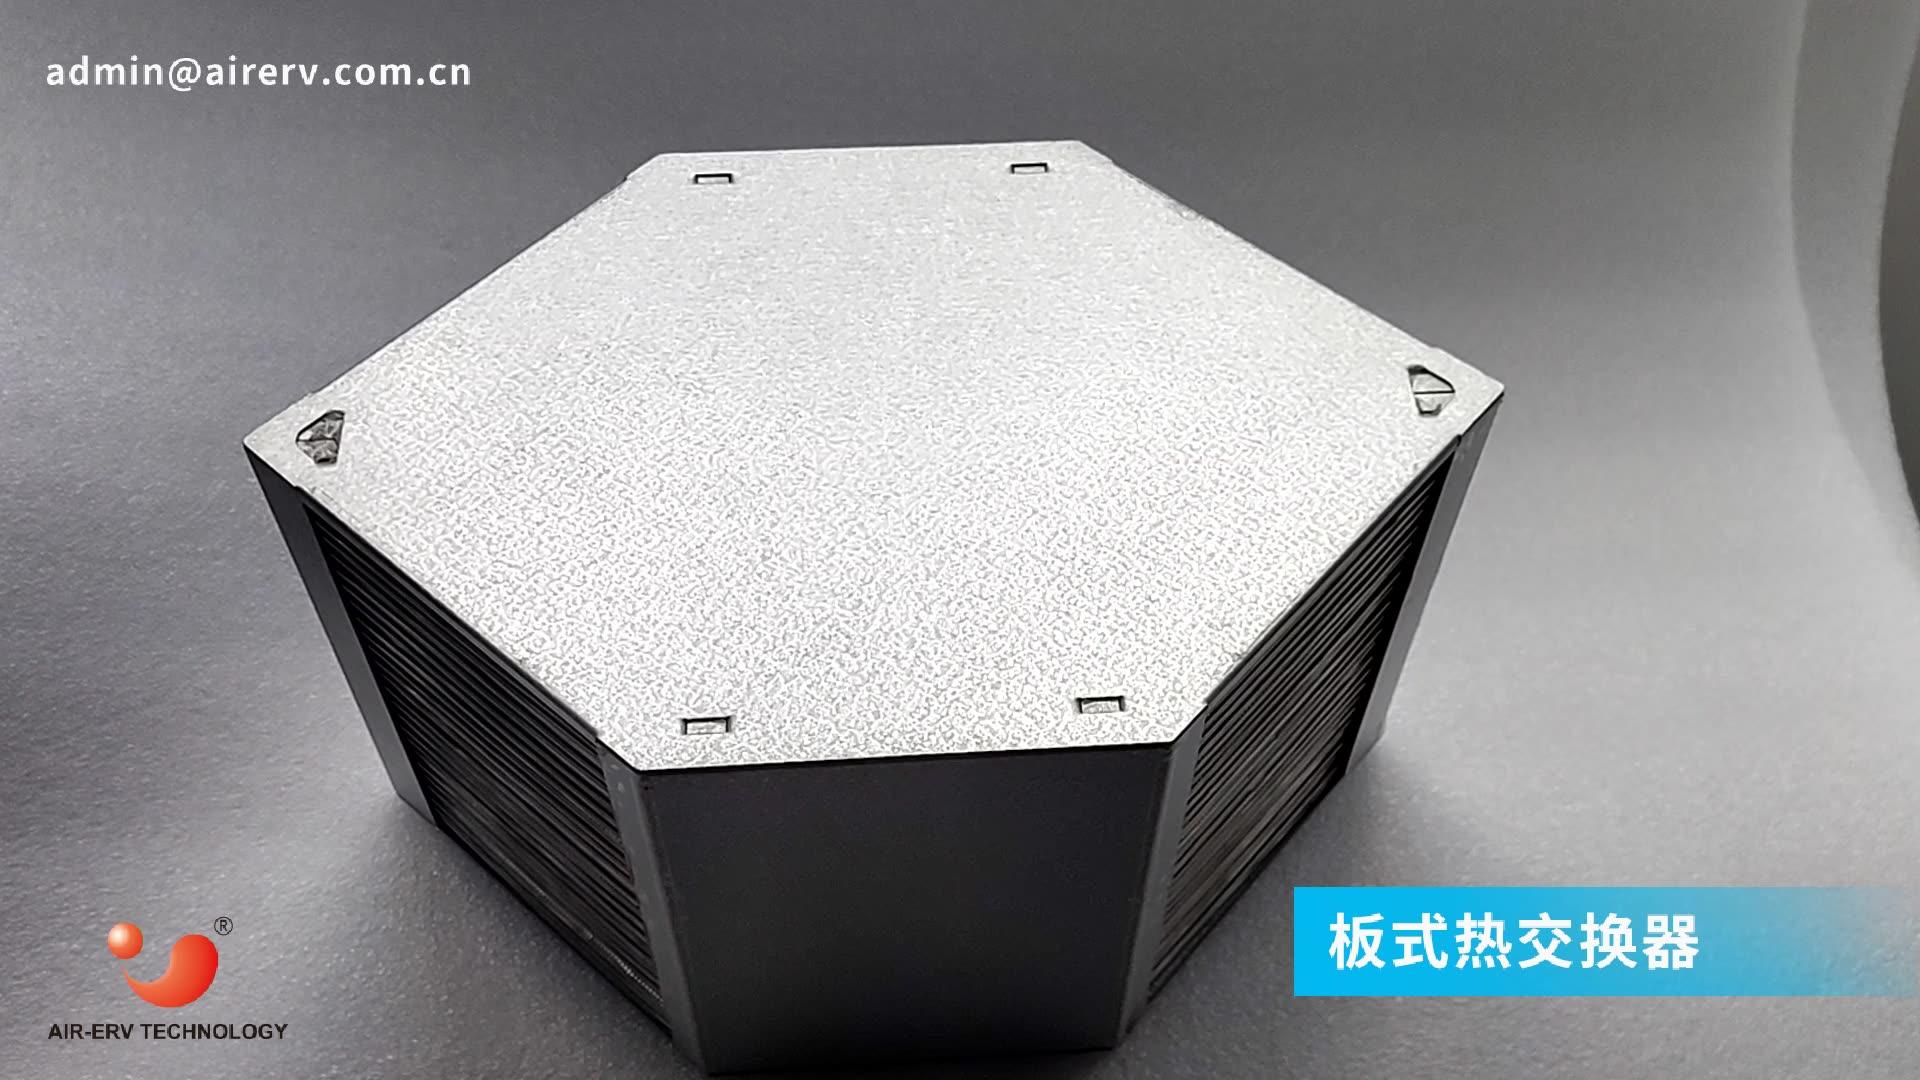 गर्मी वसूली कोर एल्यूमीनियम रेडियेटर कोर